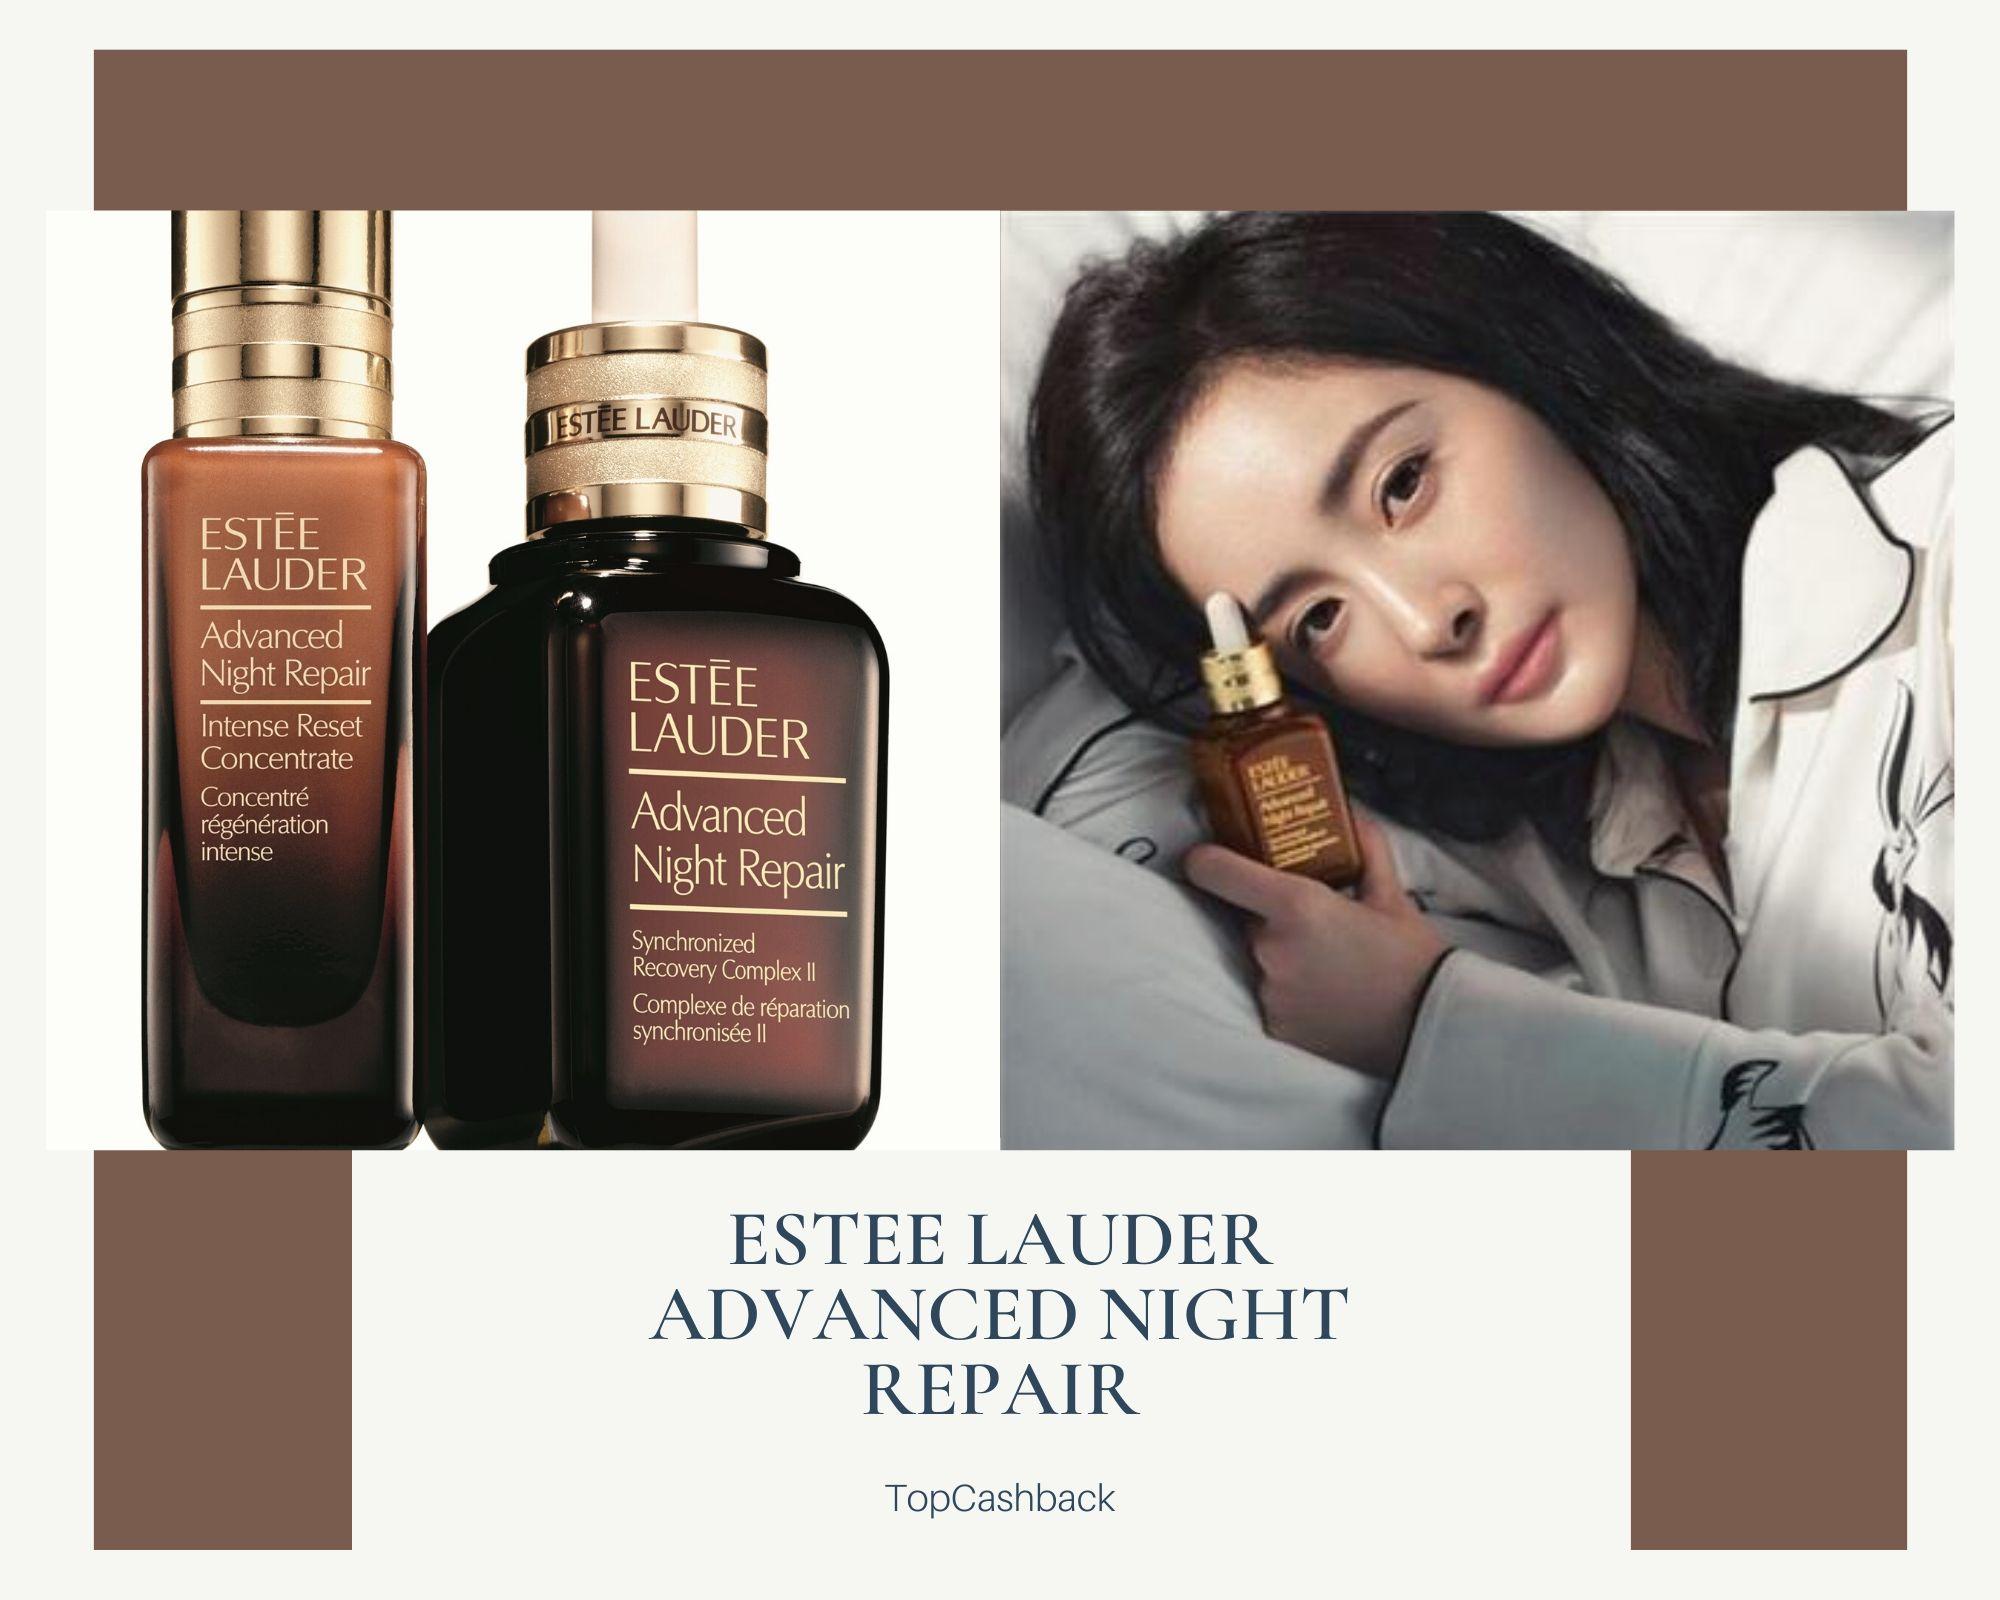 Estee Lauder小棕瓶精华液